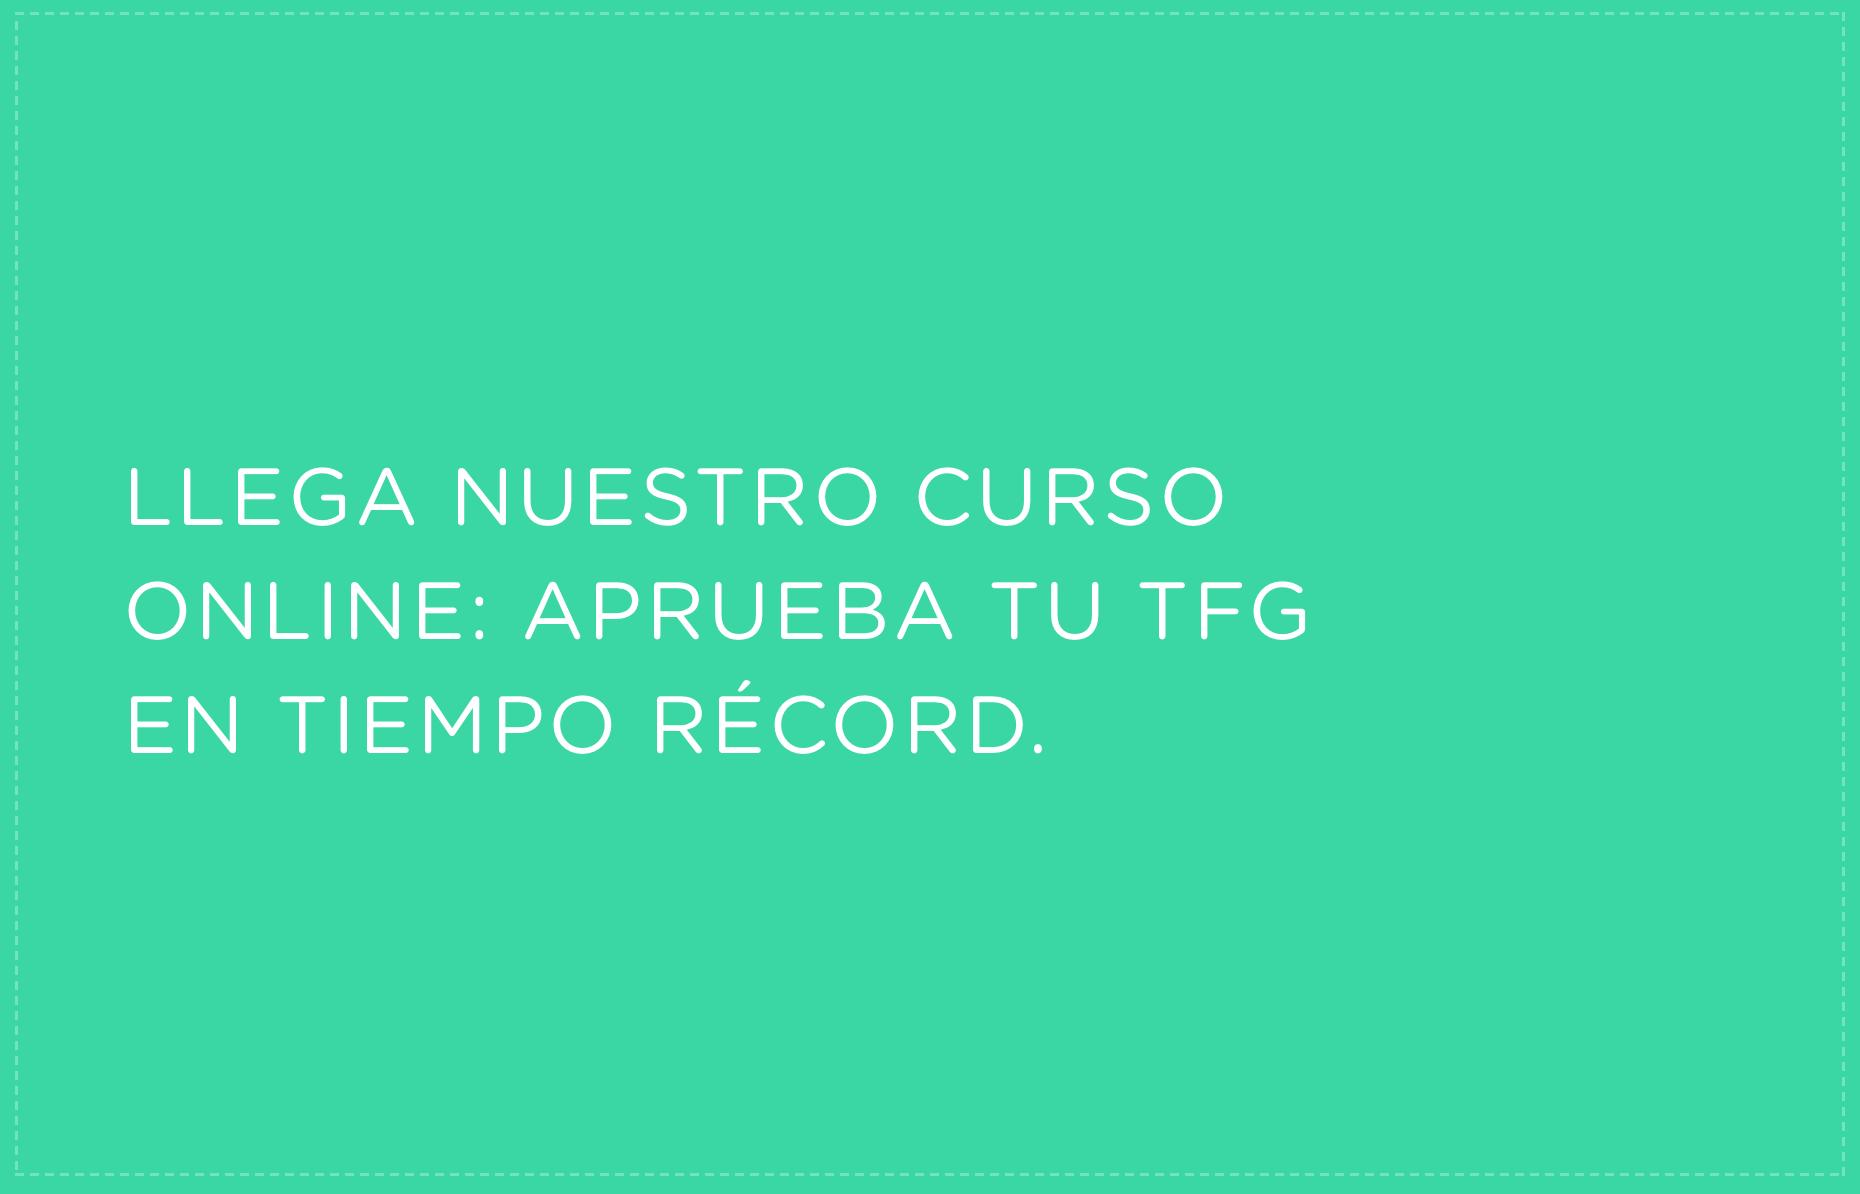 Llega_nuestro_curso_online_Aprueba_tu_TFG_en_tiempo_record